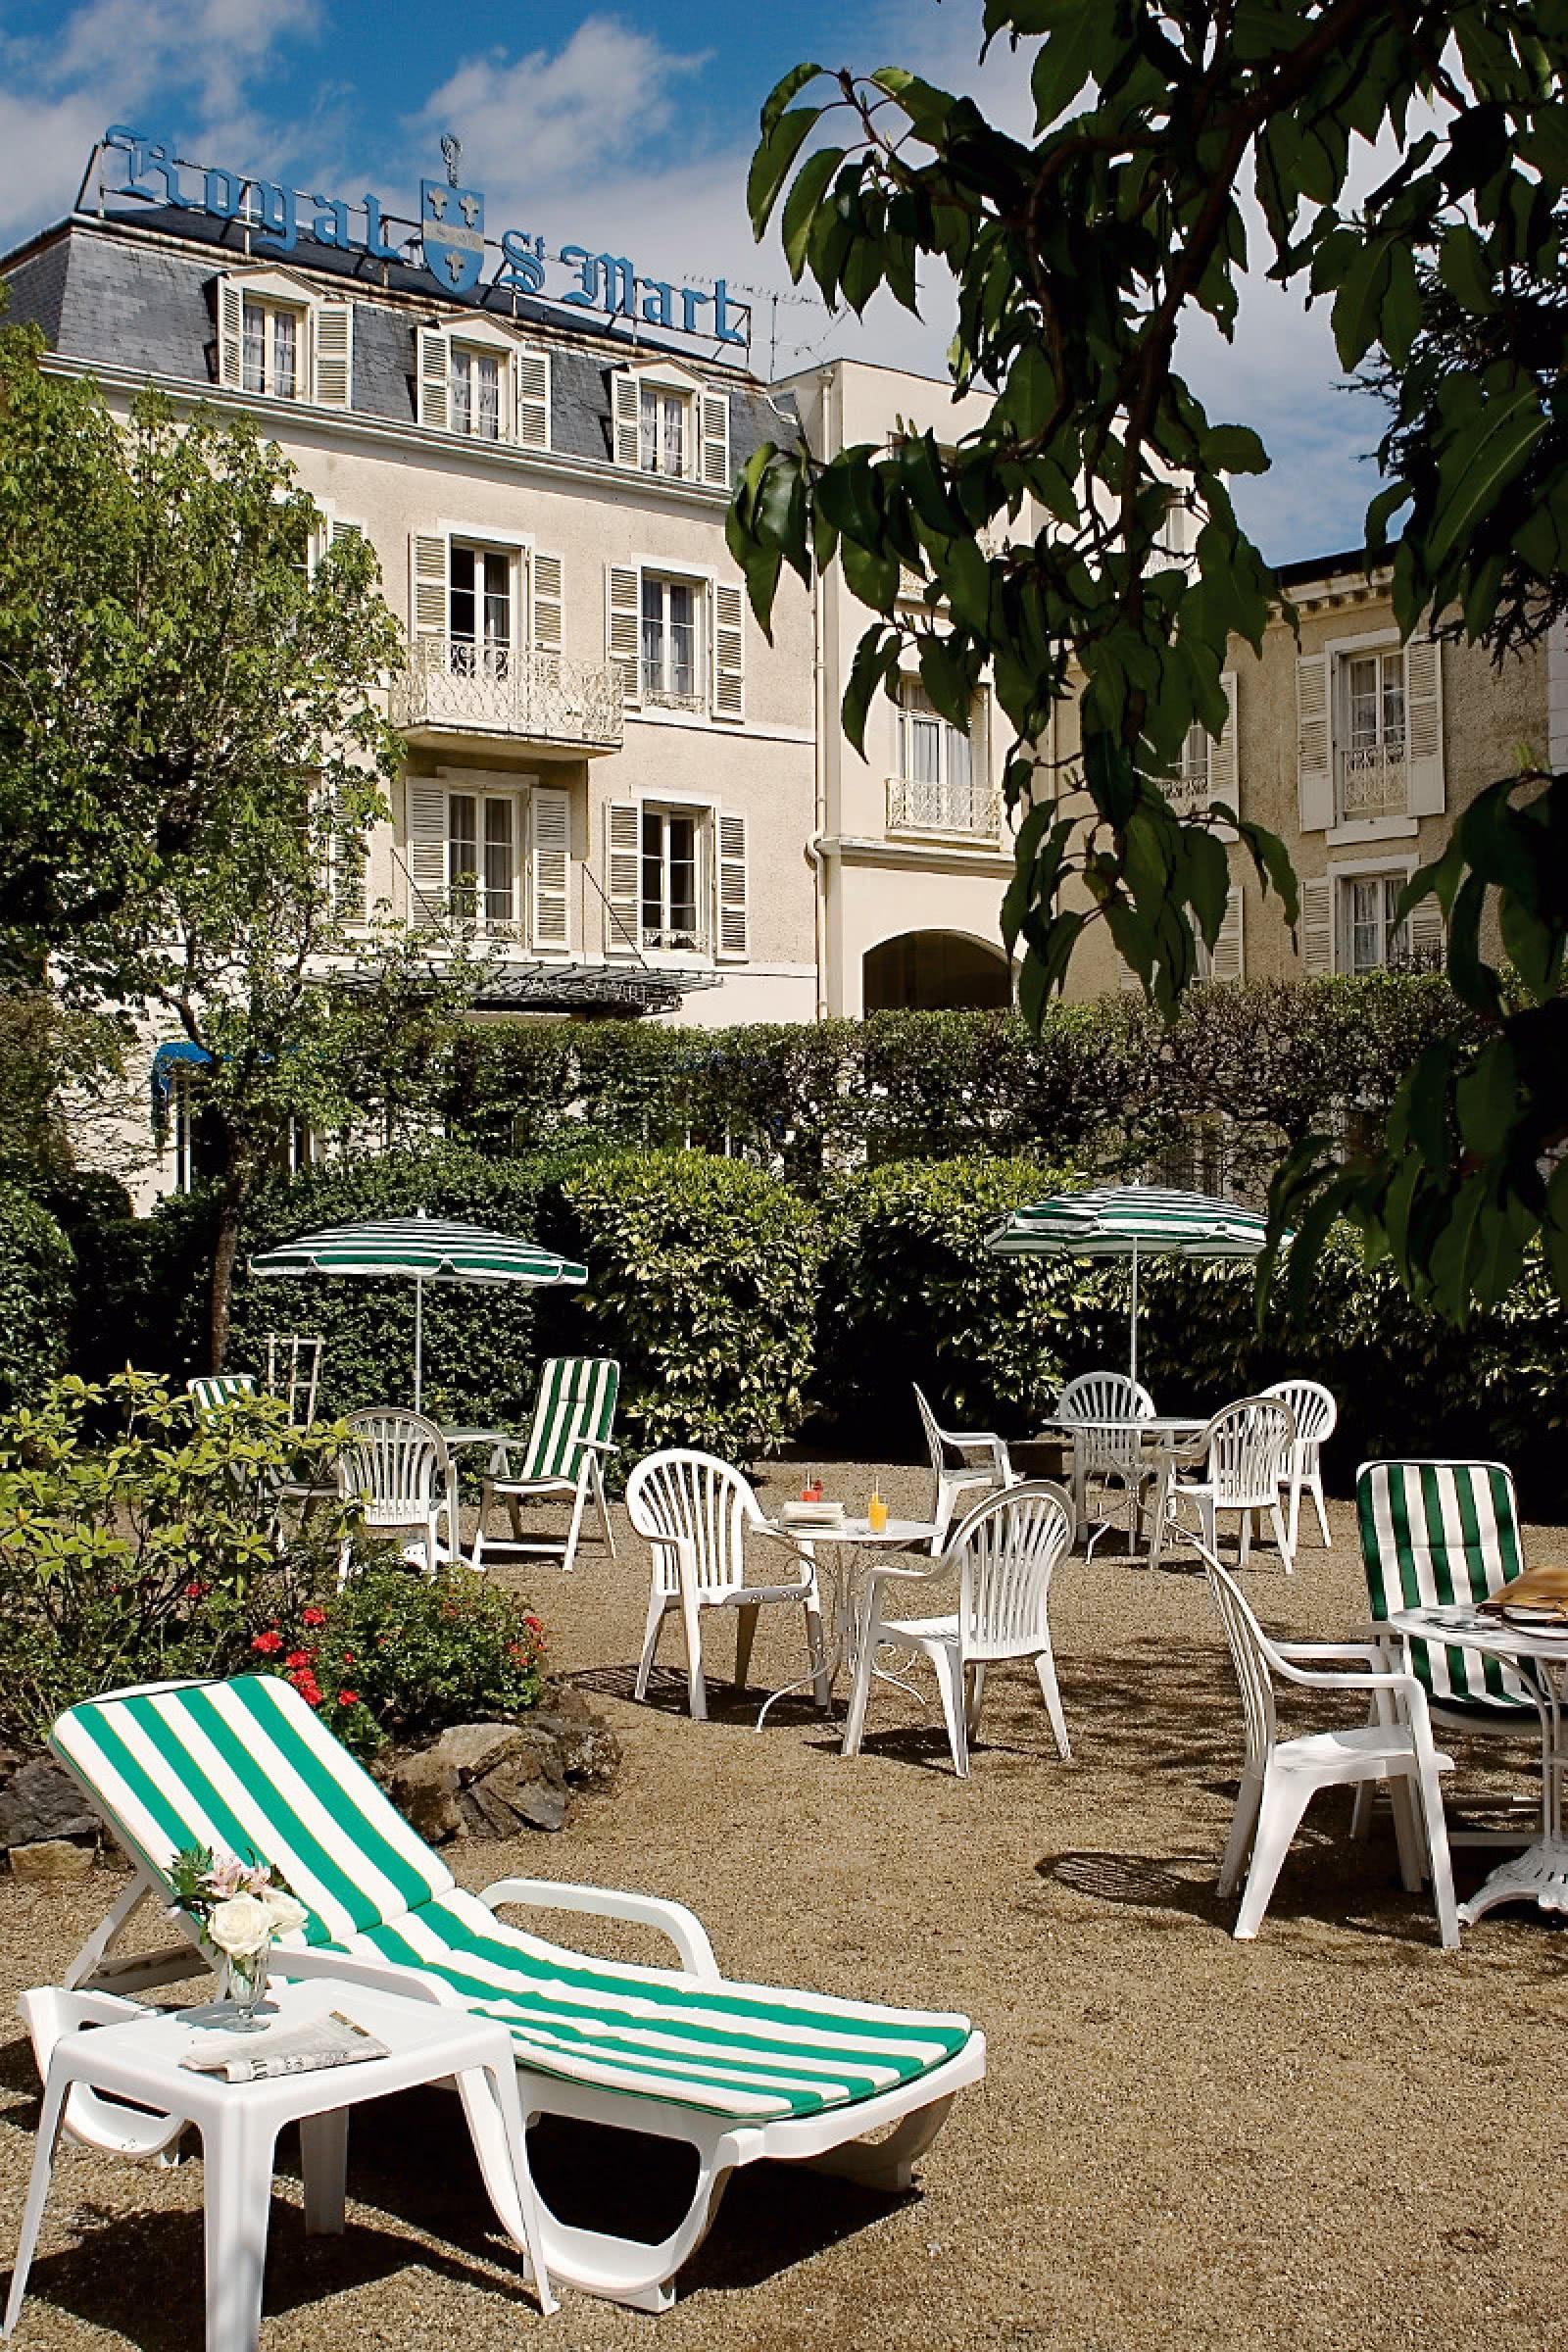 Royal h tel saint mart clermont auvergne tourisme - Petit jardin tropical clermont ferrand ...